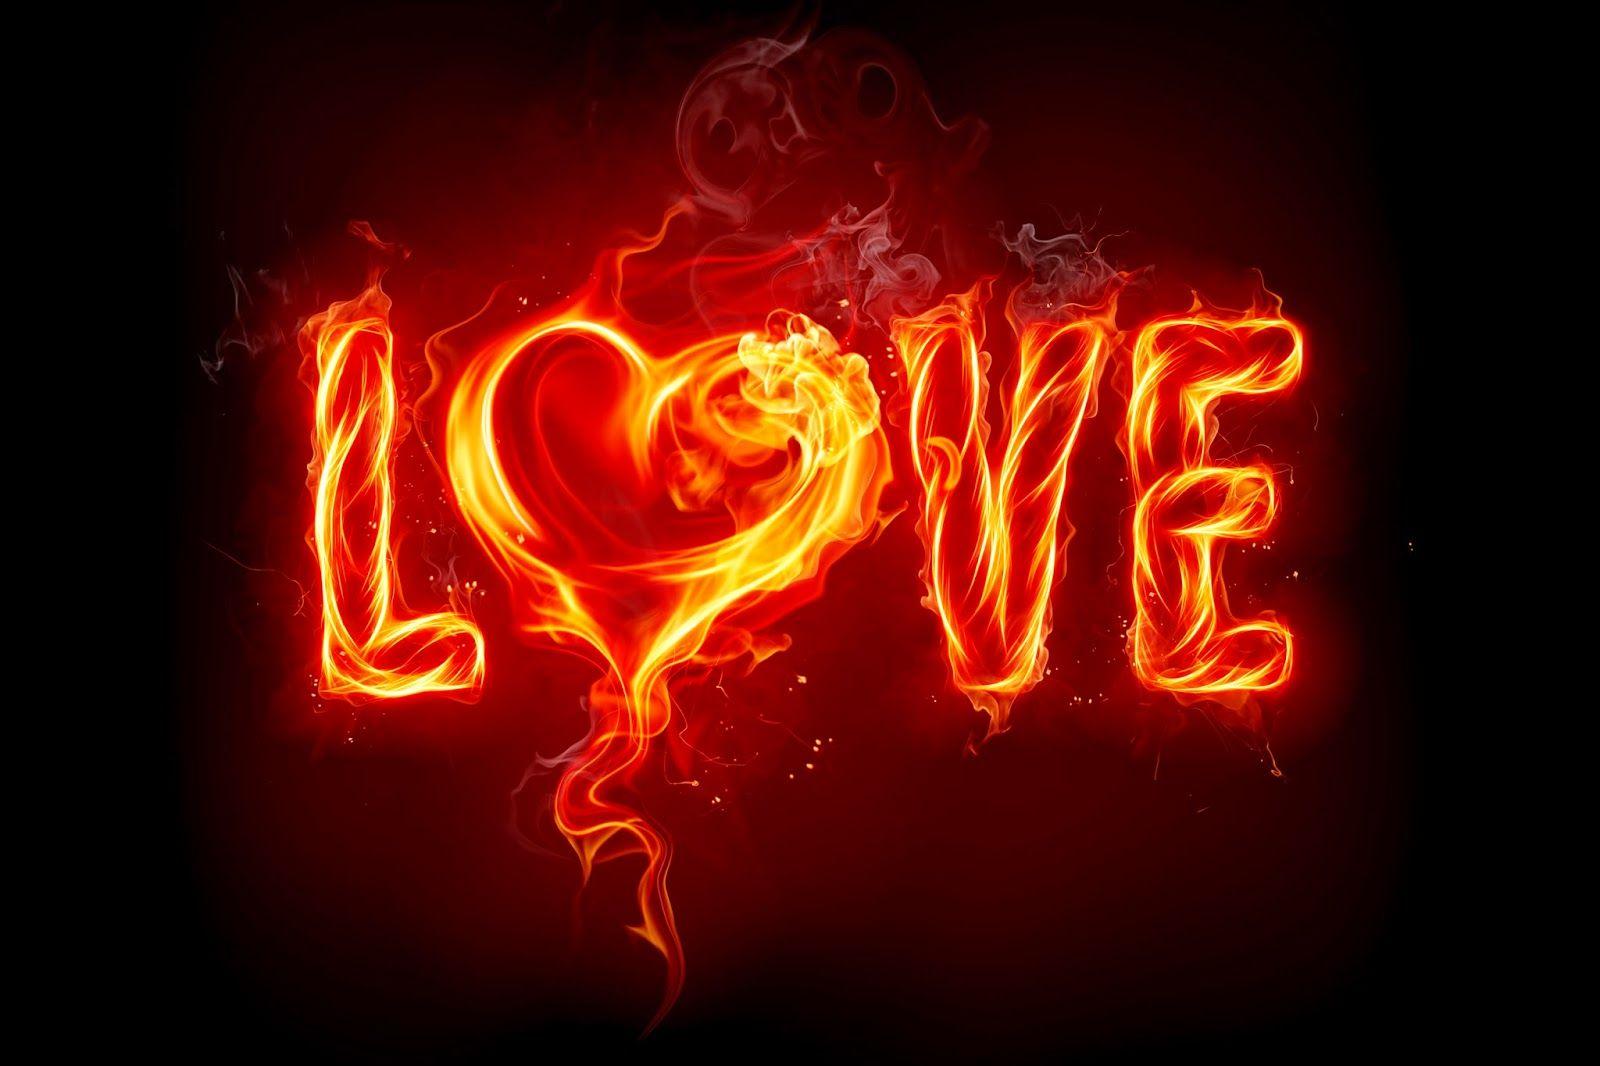 En Güzel Aşk Duvar Kağıtları Android Oyunlar Ve Uygulamalar